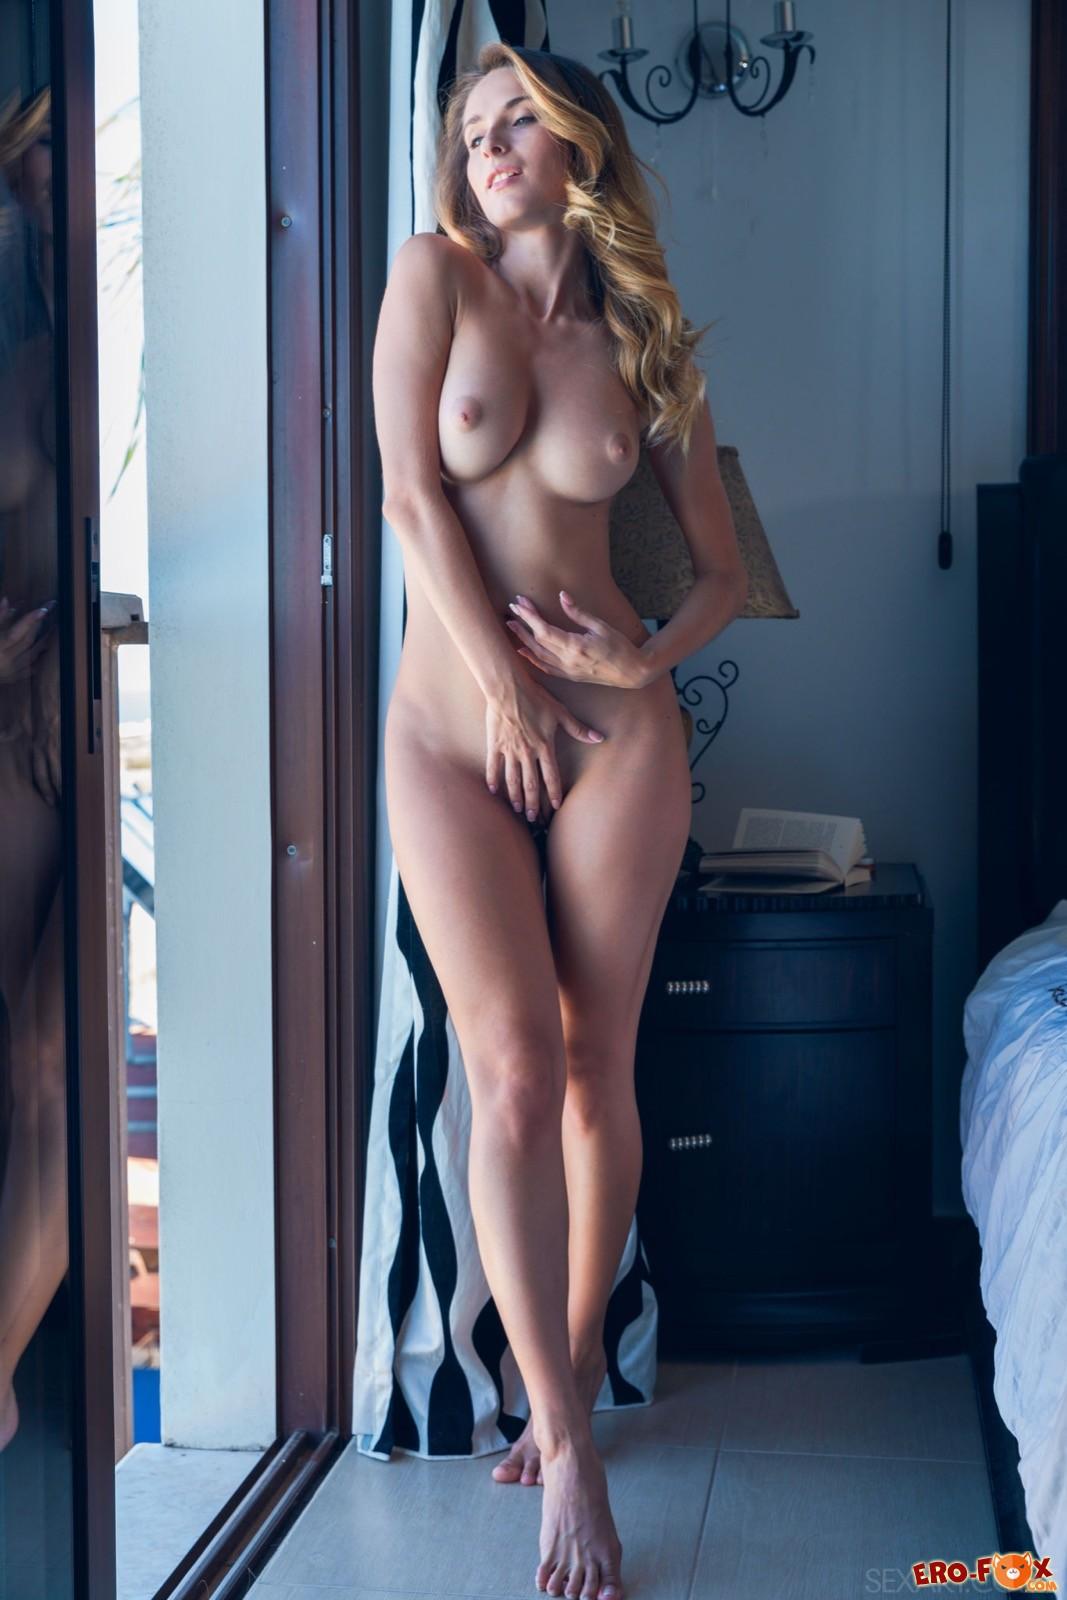 Горячая голая девушка в спальне